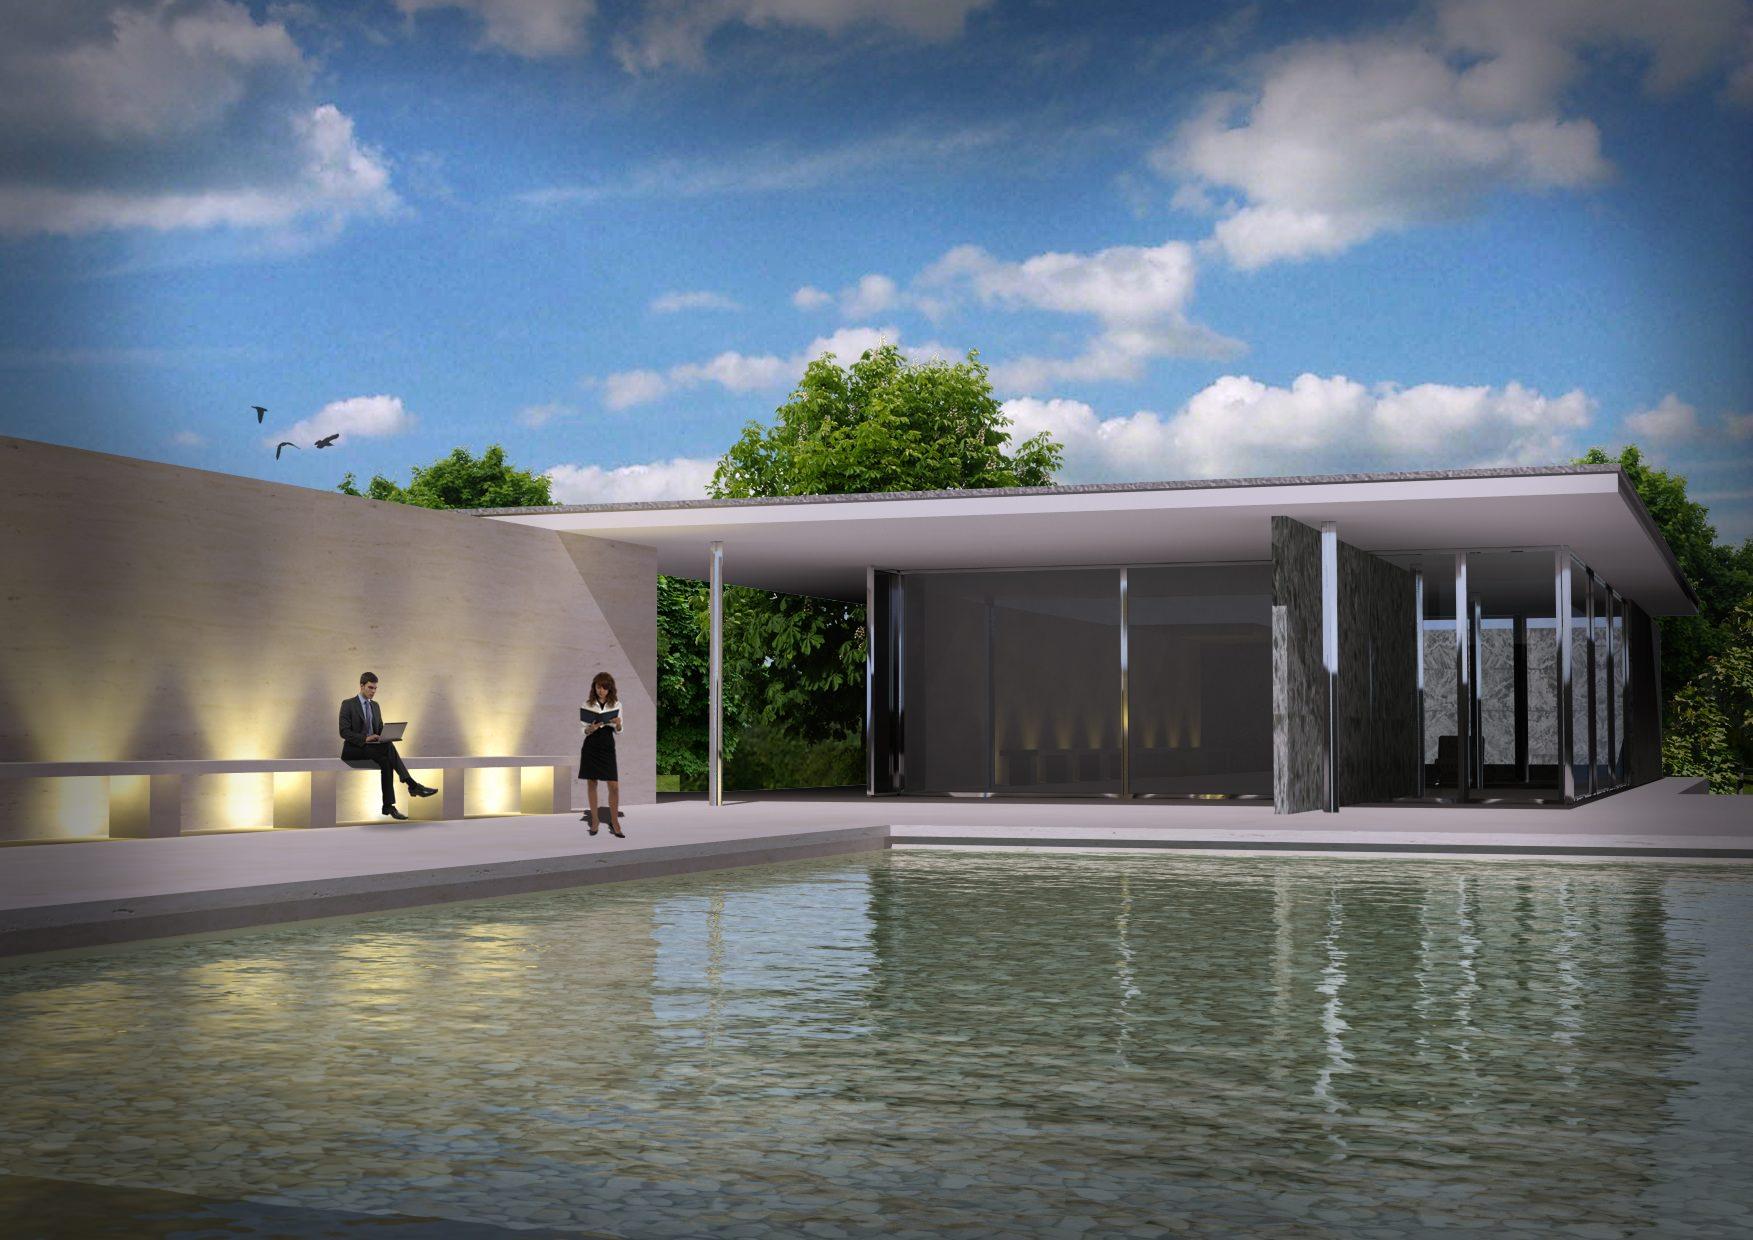 Barcelona pavilion 3d model free 3d model max - 3d max models free download exterior ...